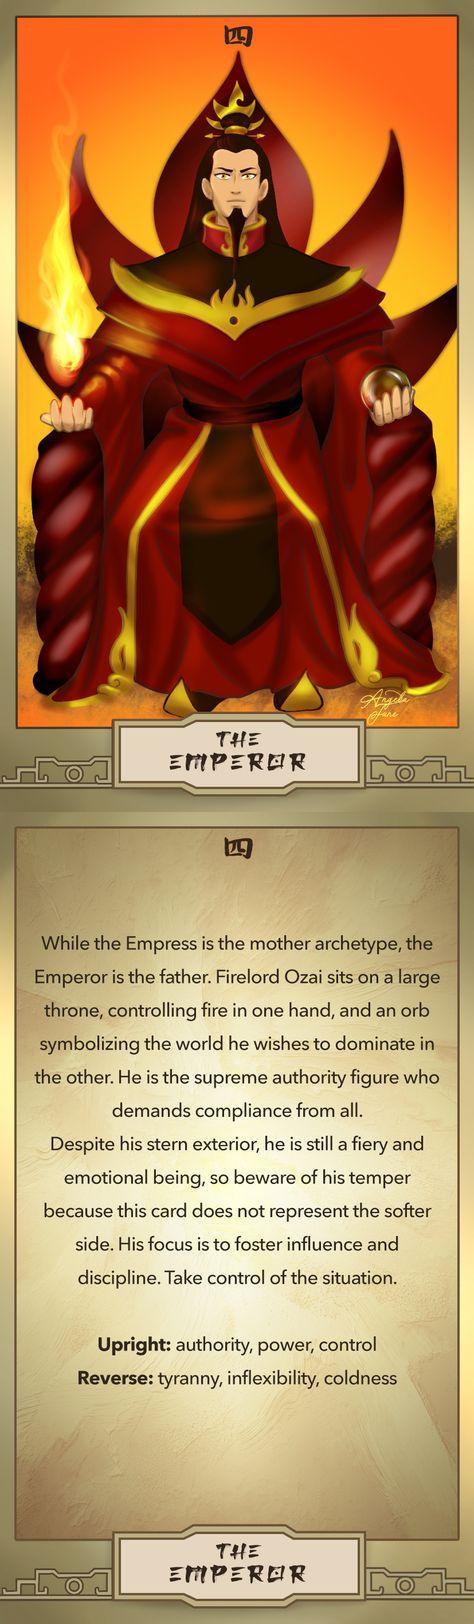 AtLA Tarot - 4 - The Emperor: Firelord Ozai